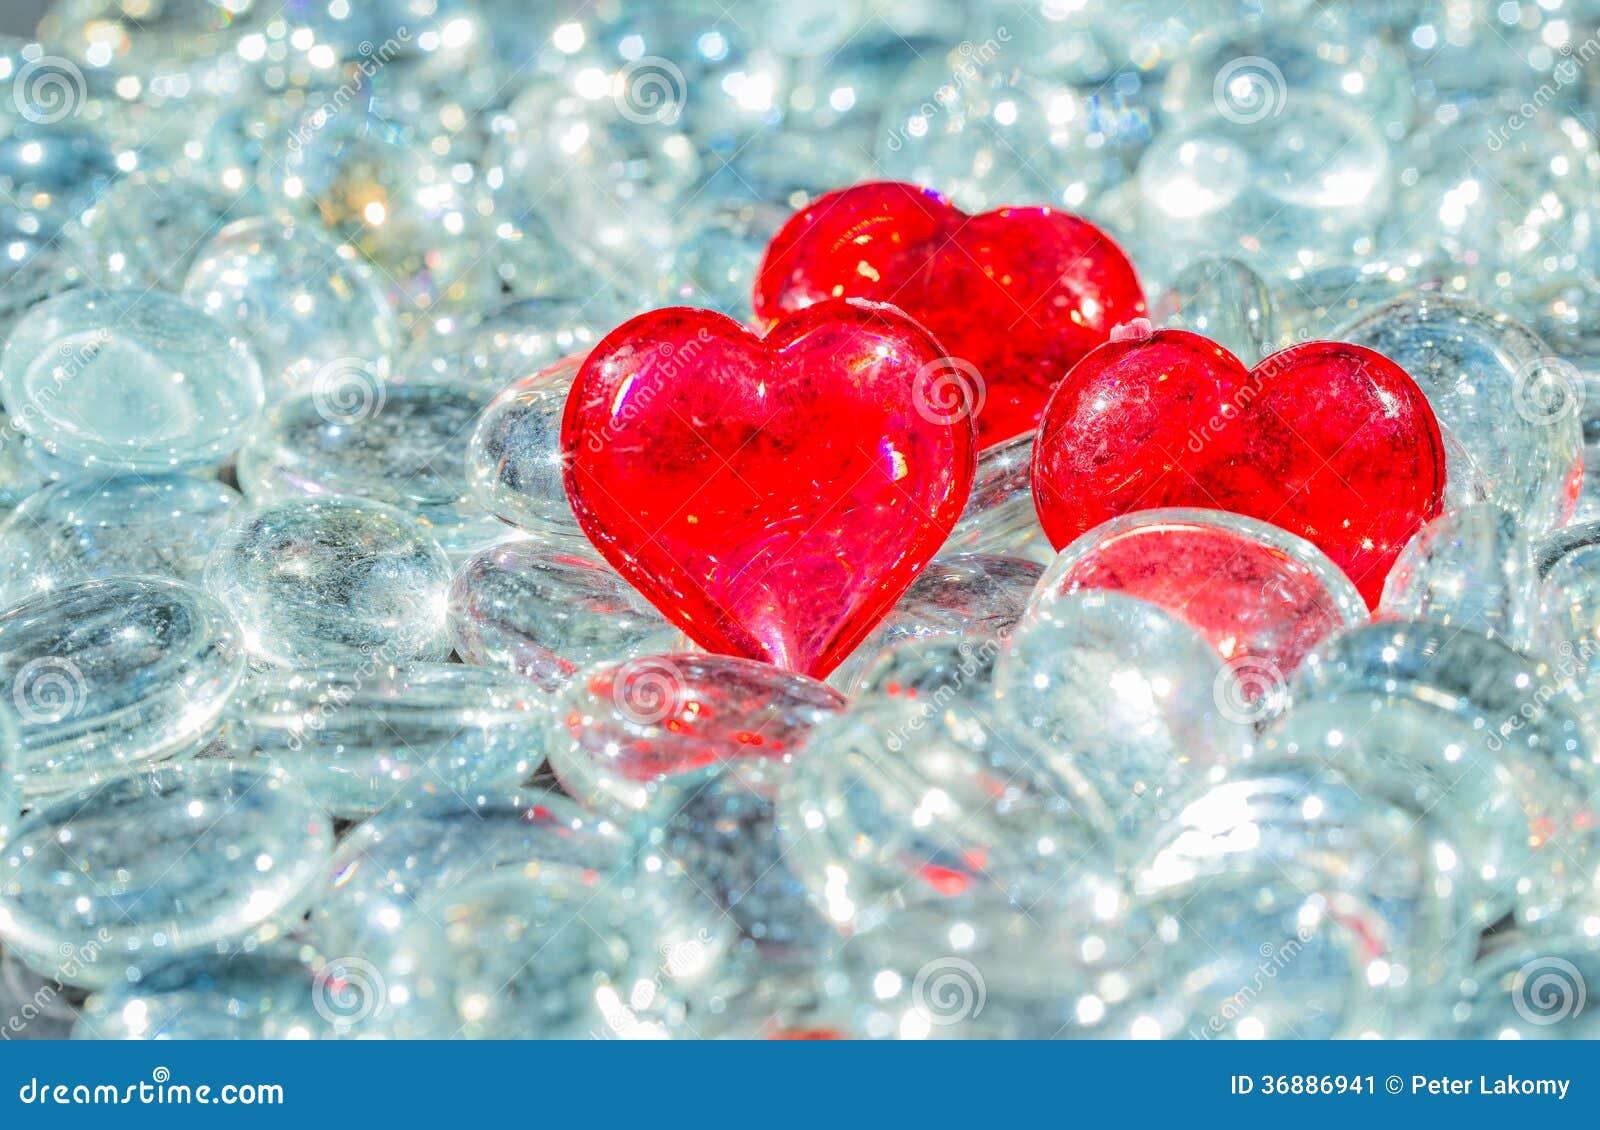 Download Crystal Heart immagine stock. Immagine di cristallo, renda - 36886941